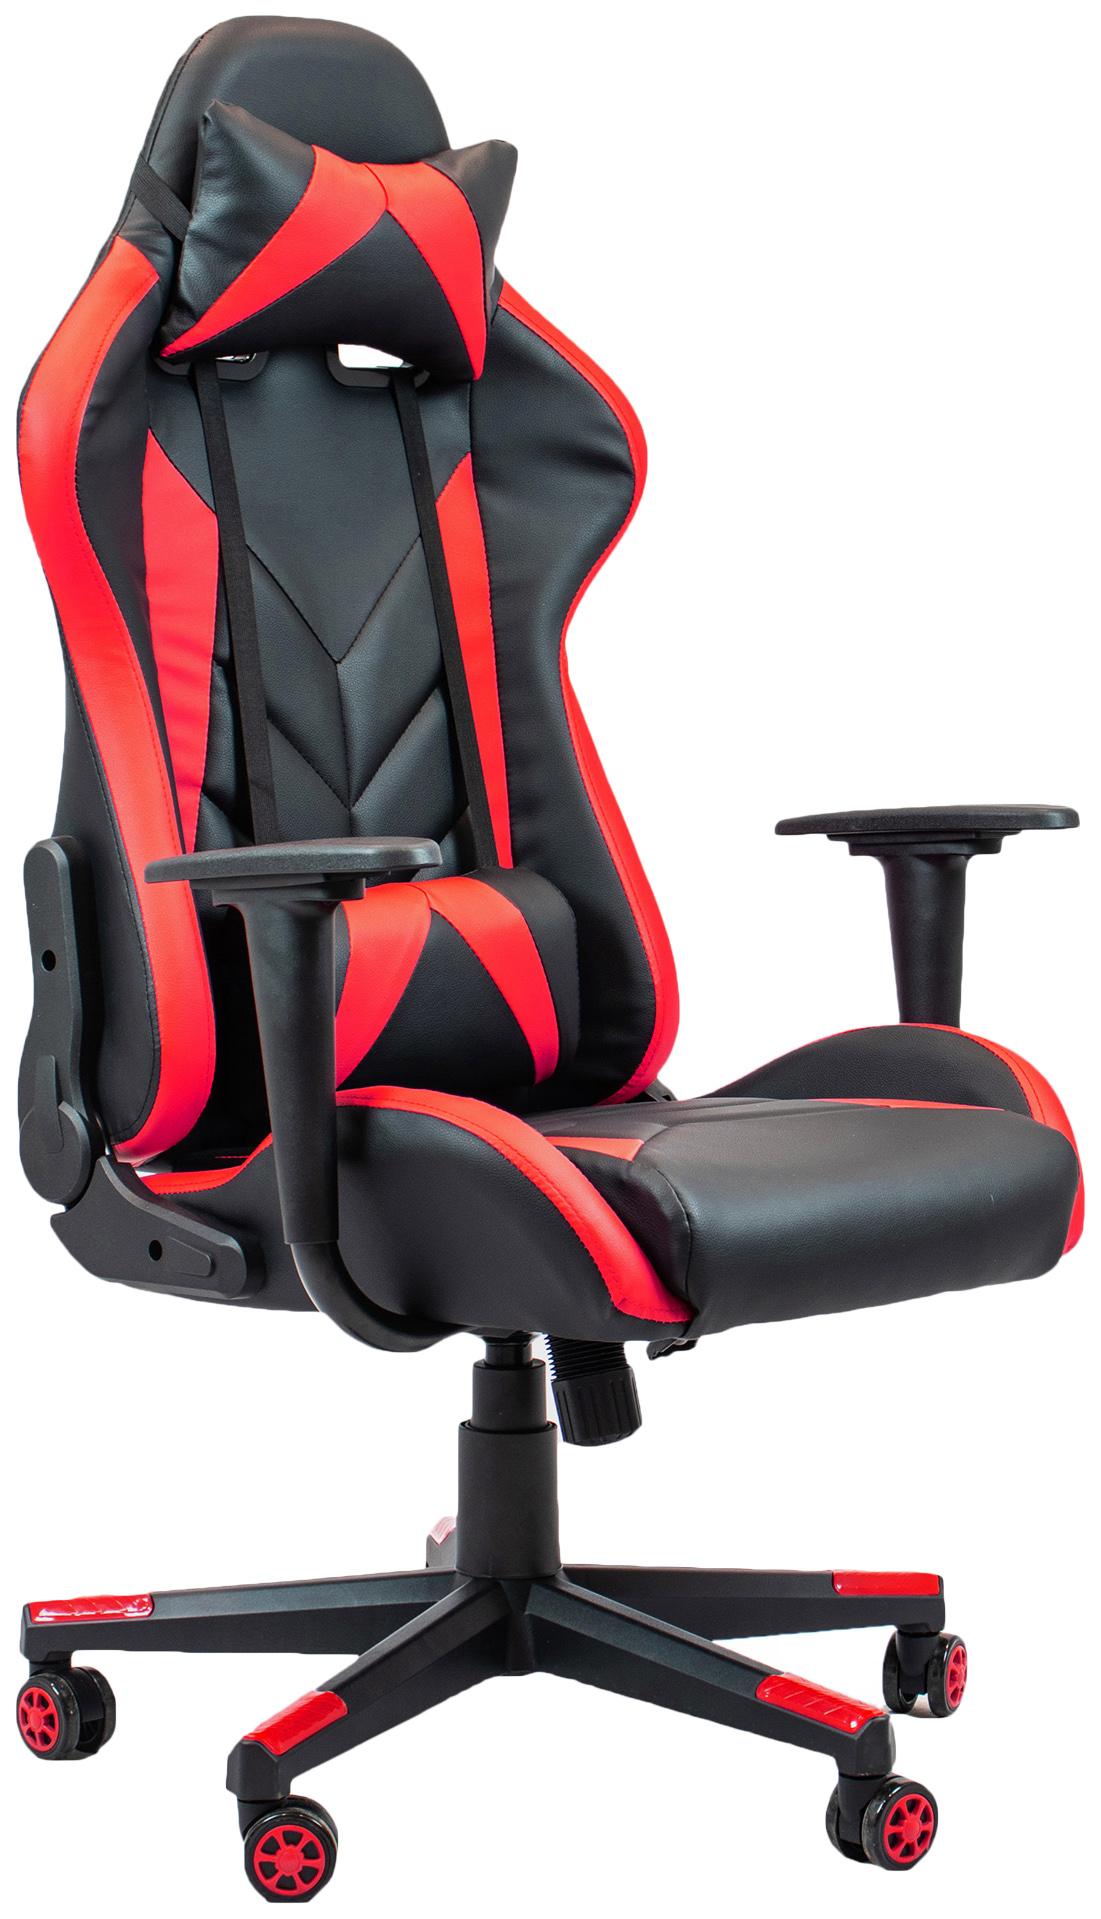 Игровое кресло Raybe K-5903, красный/черный